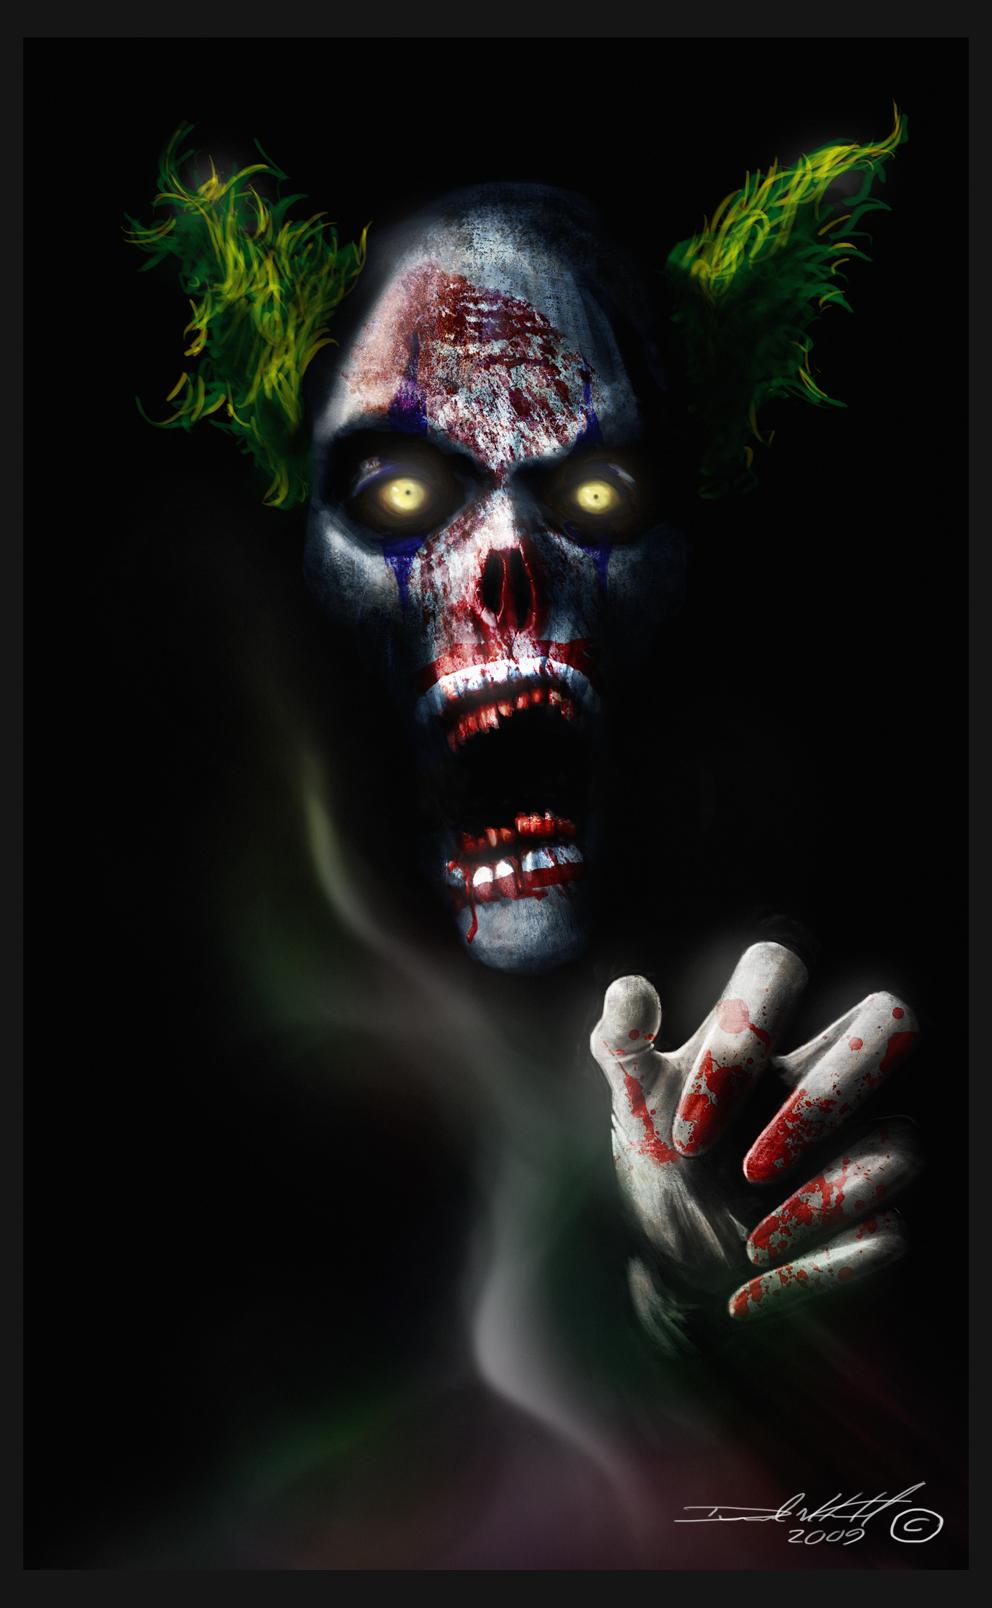 Clown Demon by GhostDesign on DeviantArt